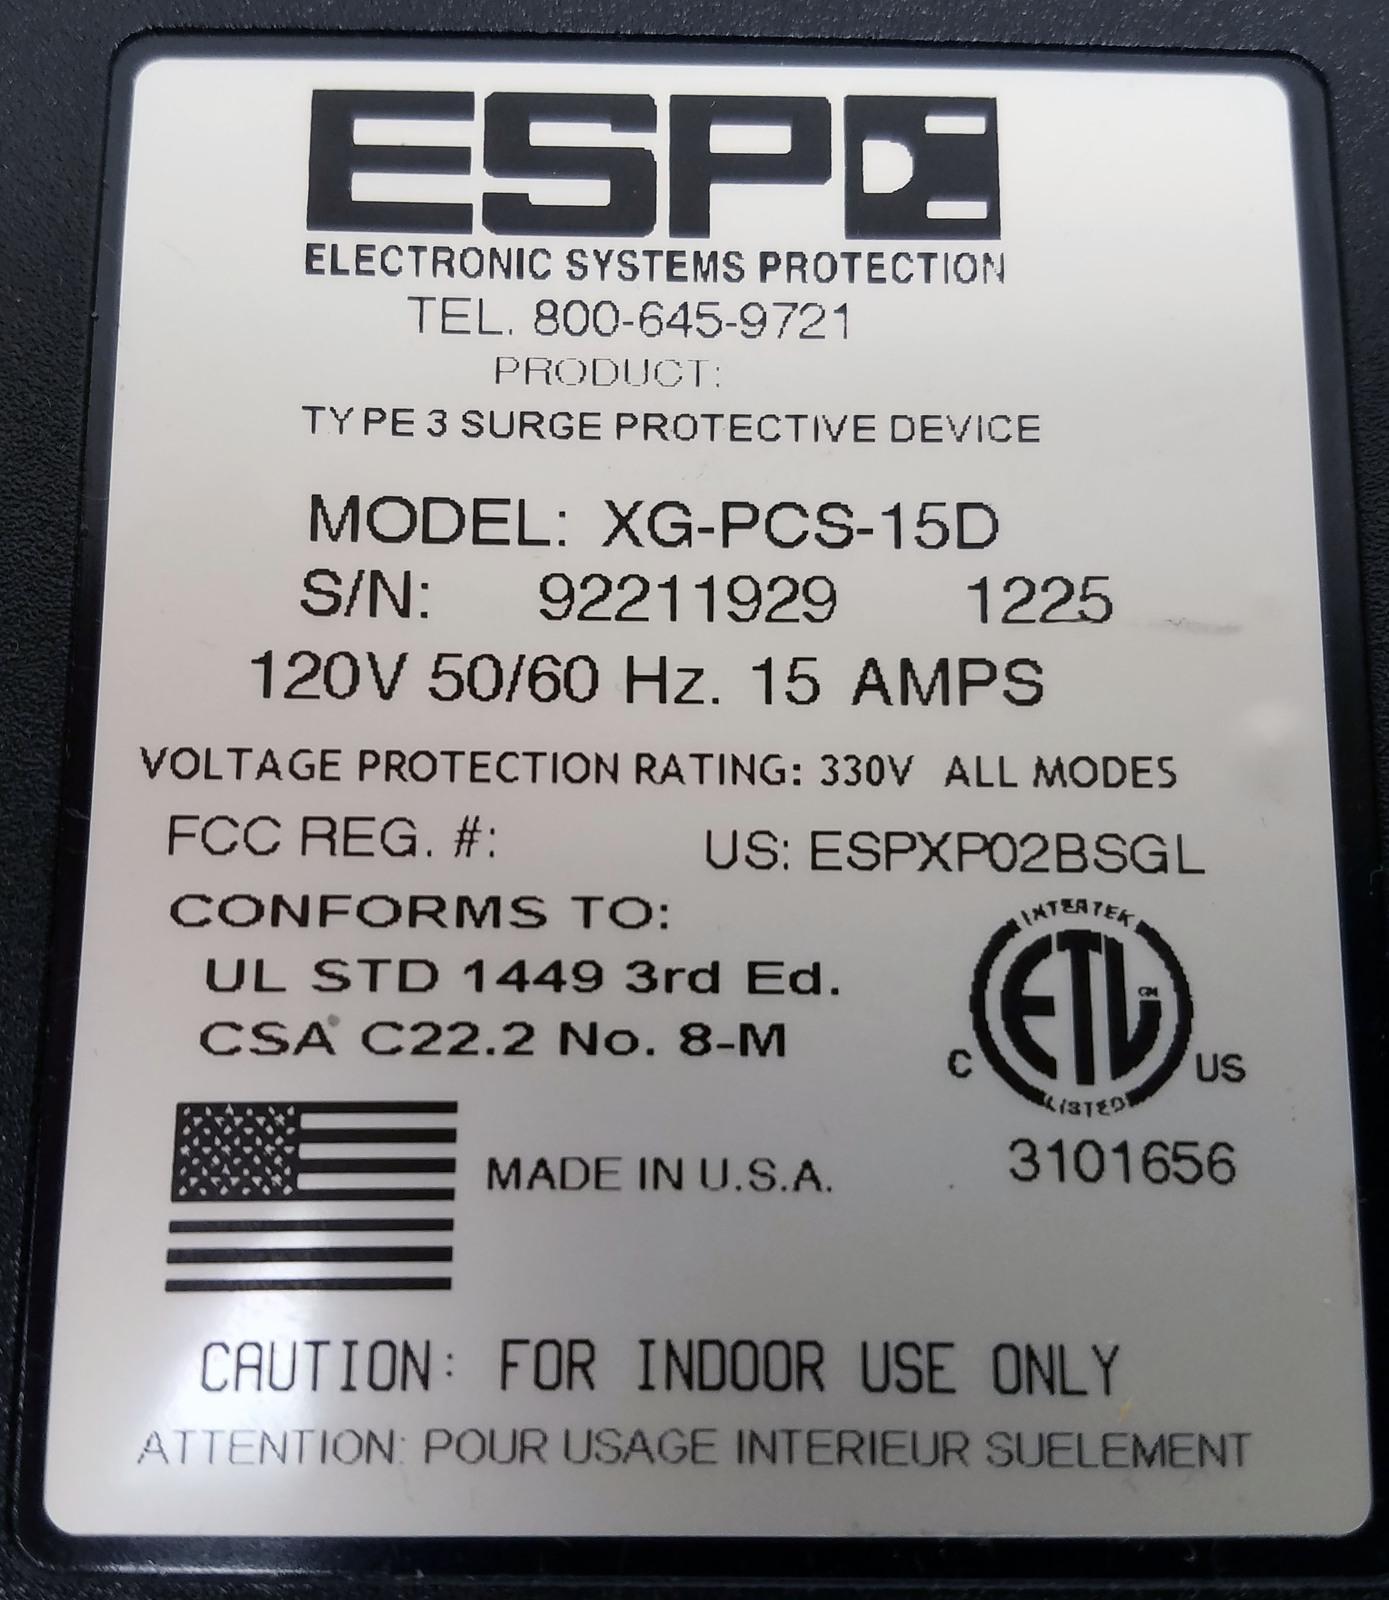 ESP RICOH Surge Protector/Power Monitor – XG-PCS-15D - 120 Volt, 15 Amp Bin:4